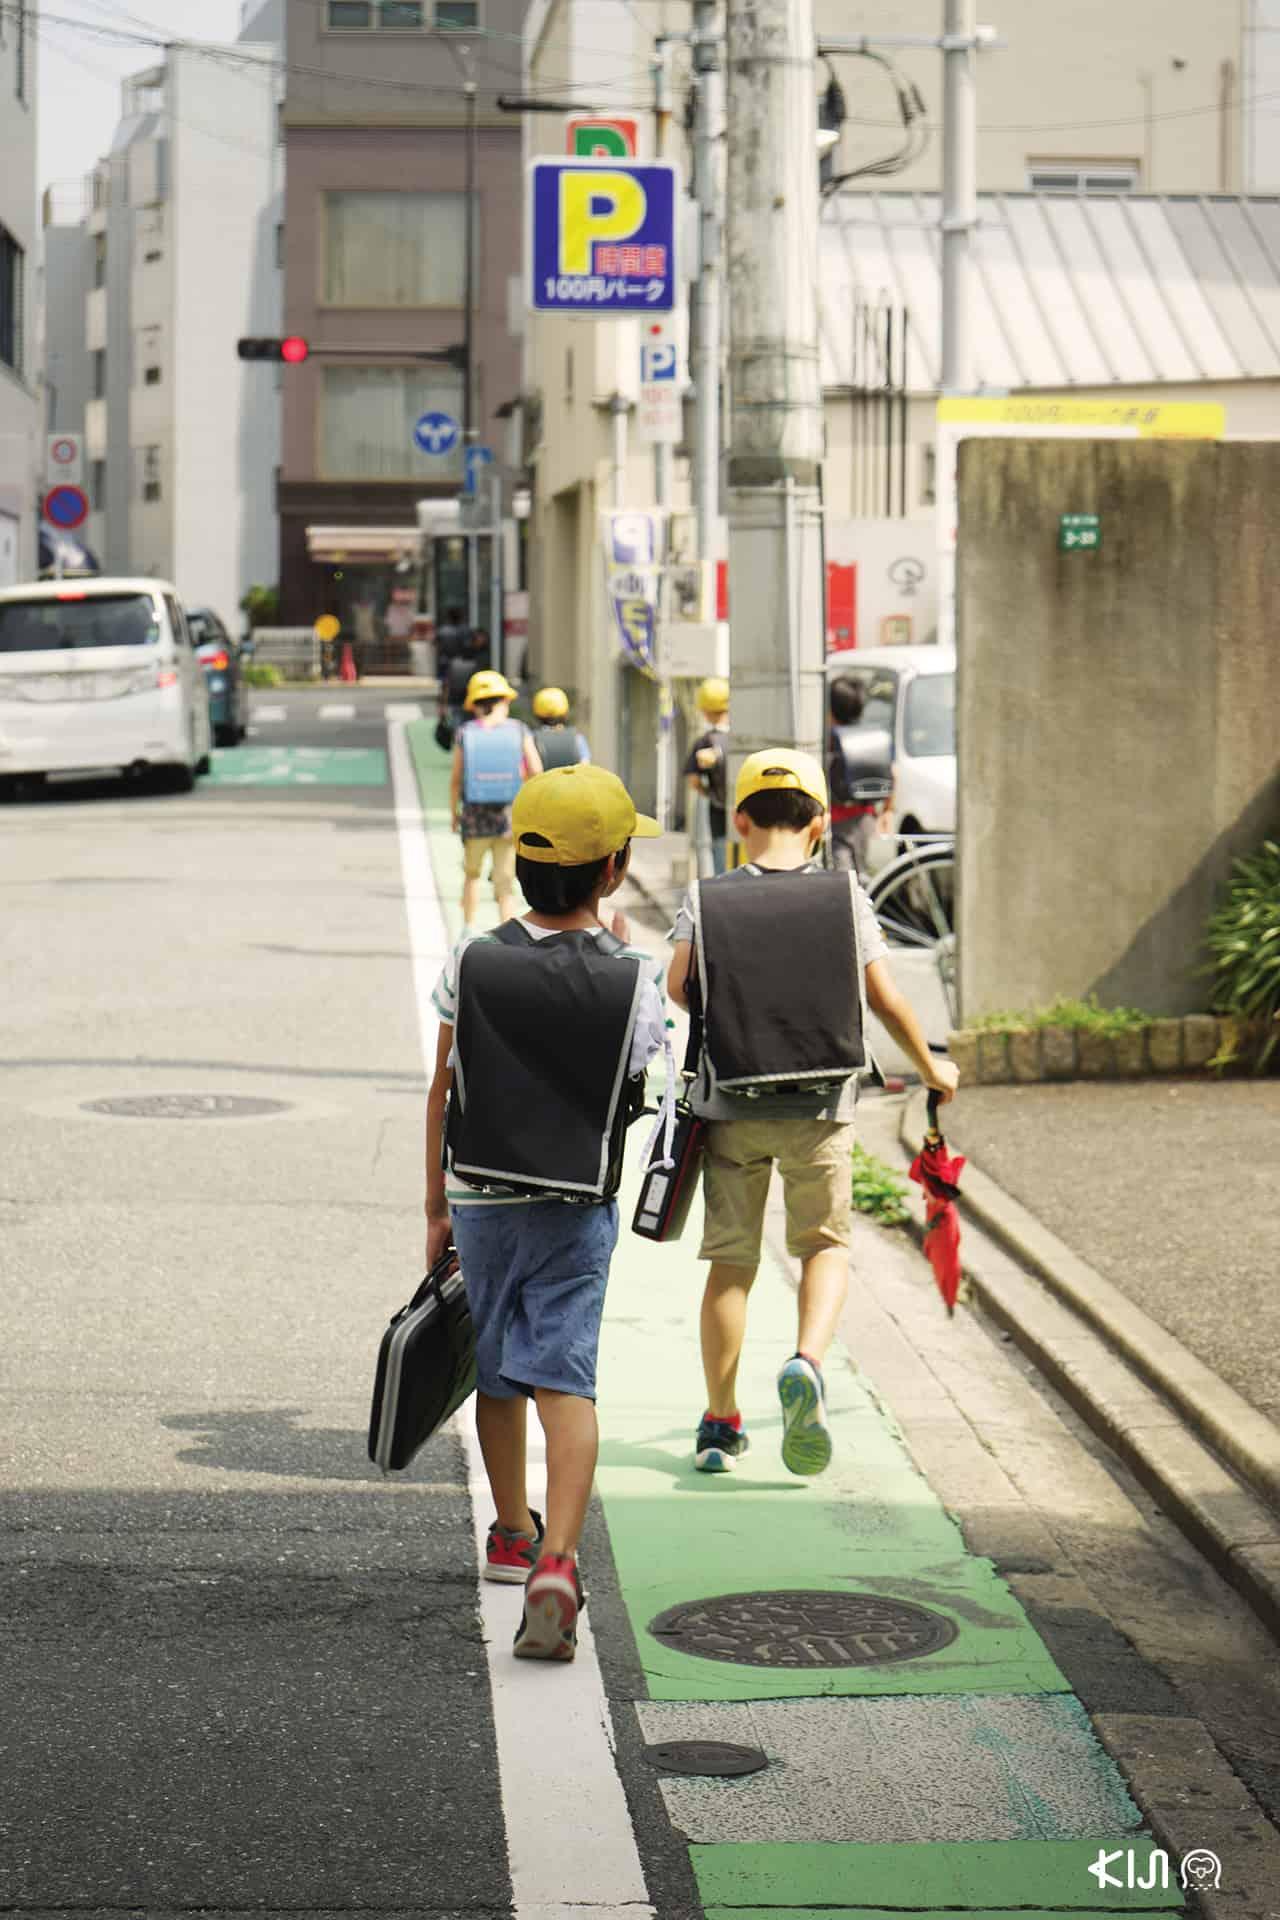 ถ่ายรูปข้างหลังเด็กชาวญี่ปุ่น